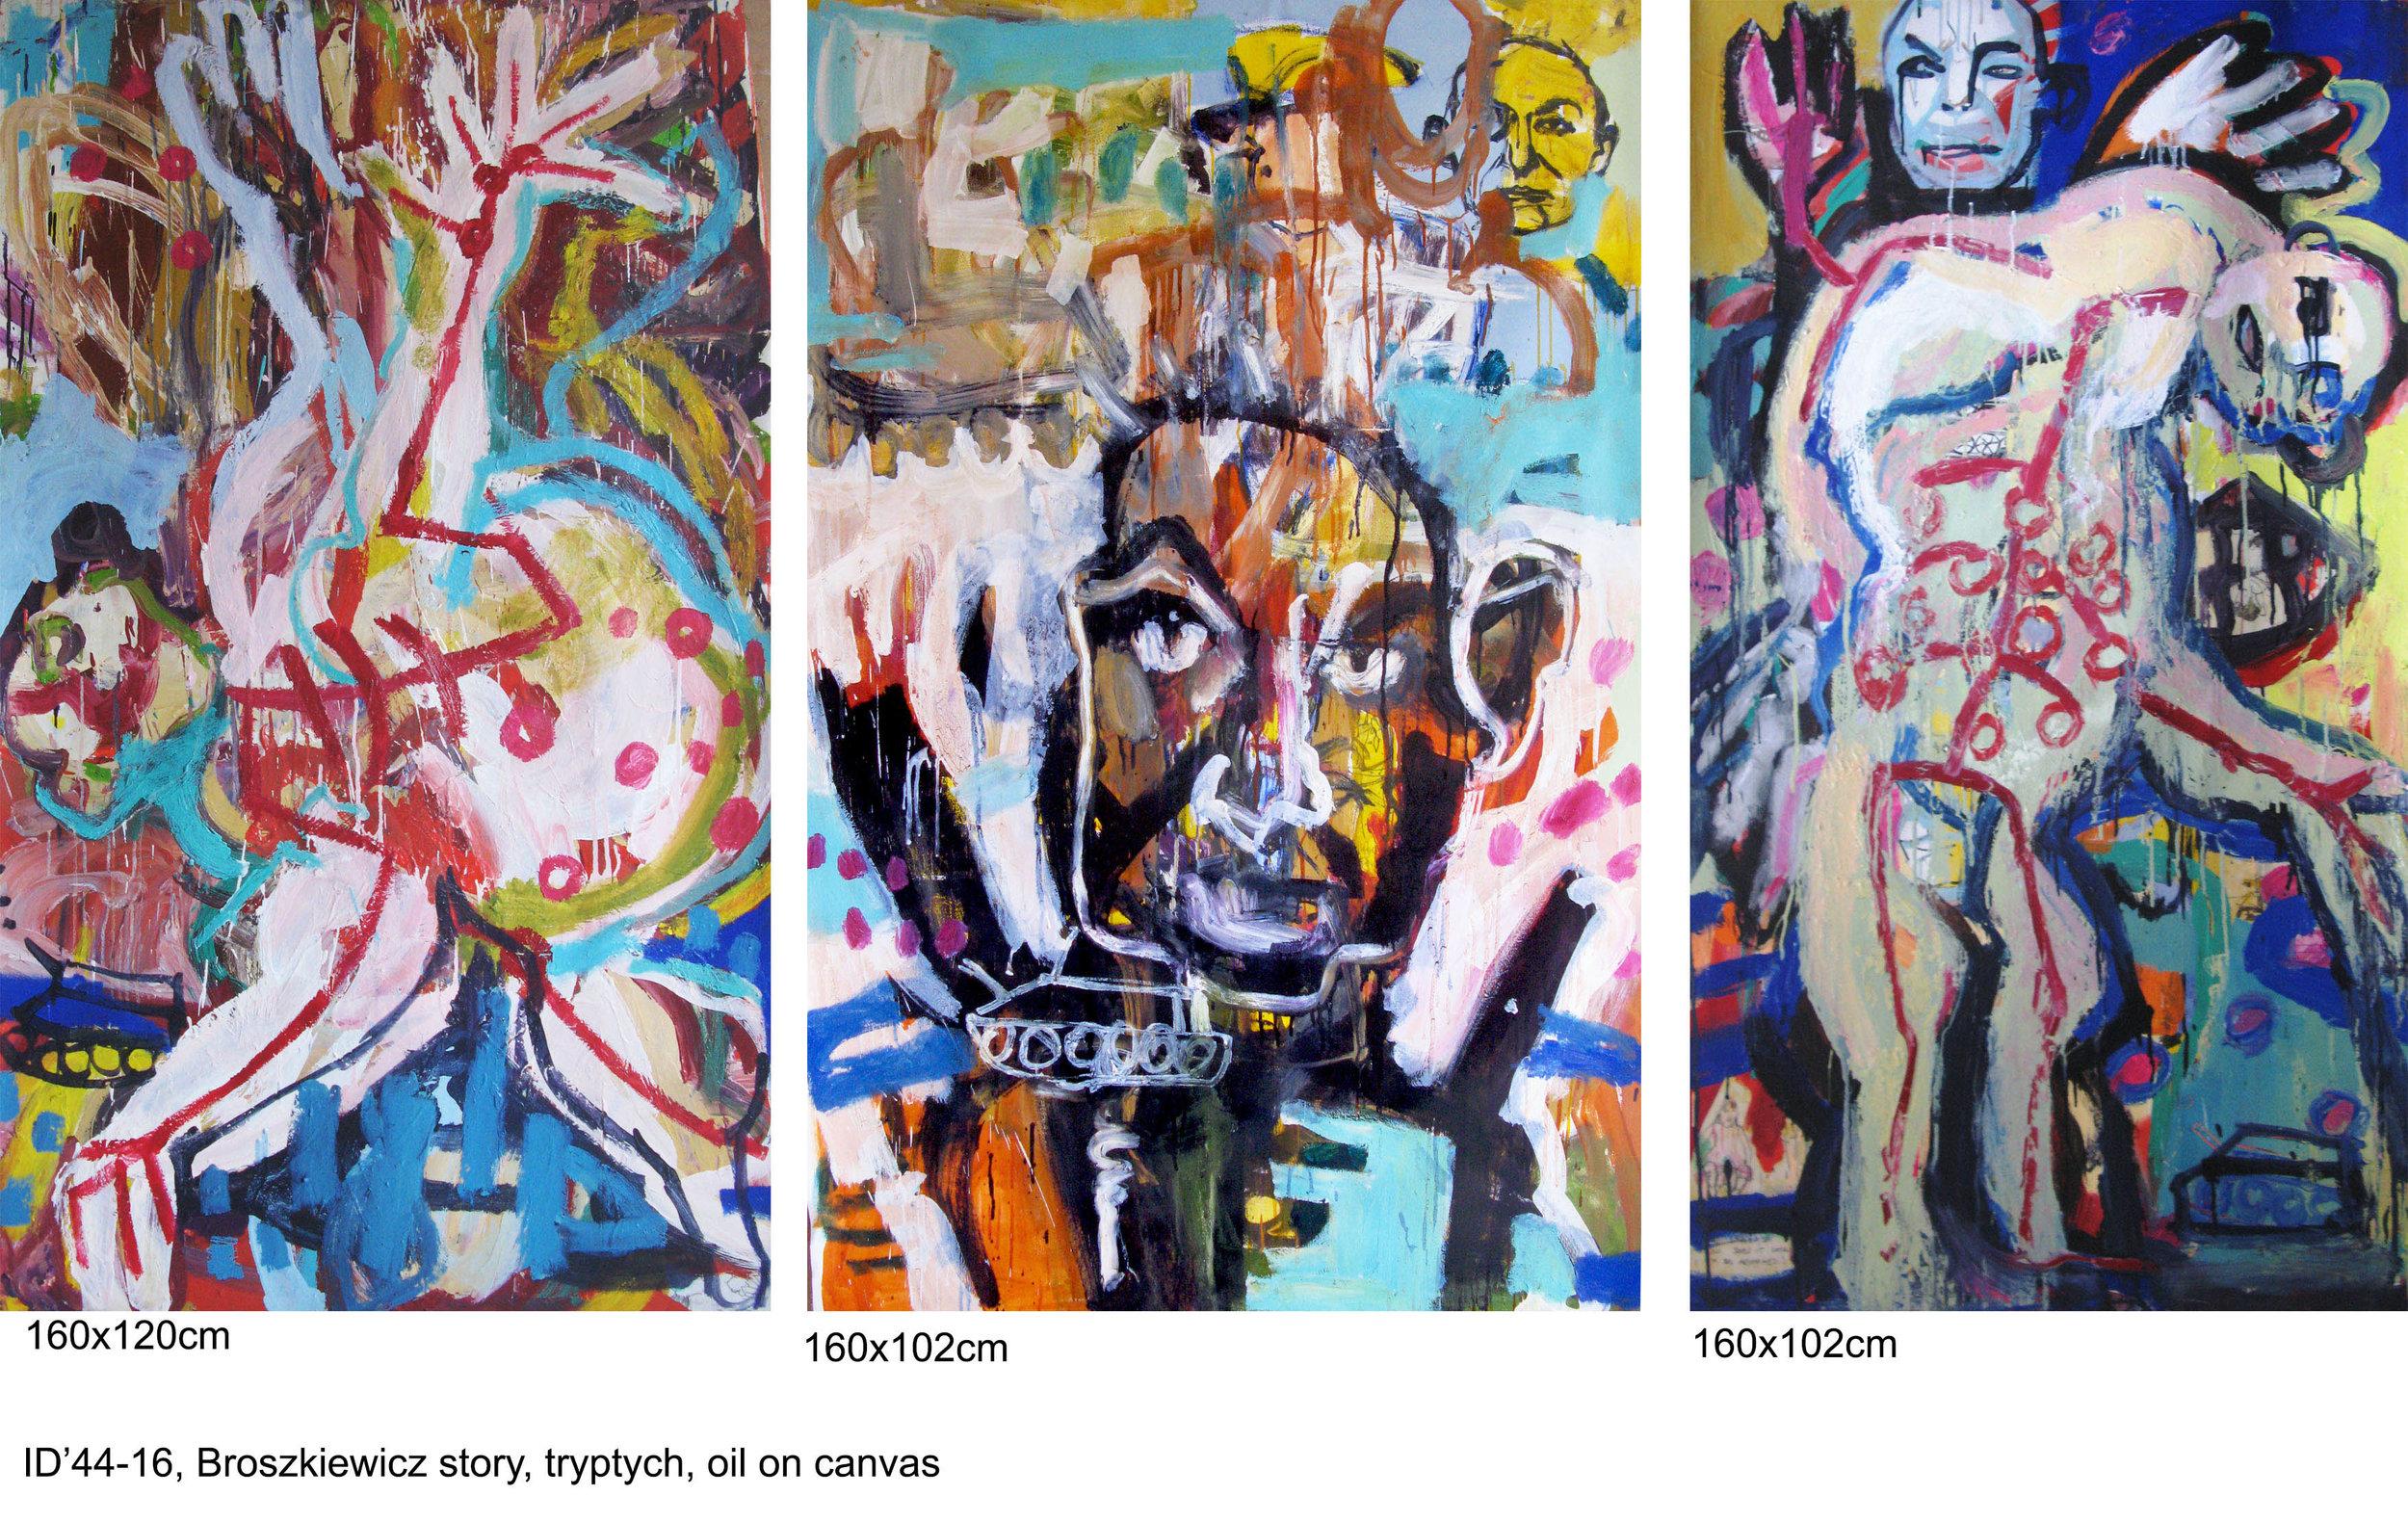 Broszkiewicz's story, 320x160cm, oil on canvas, 2017-18